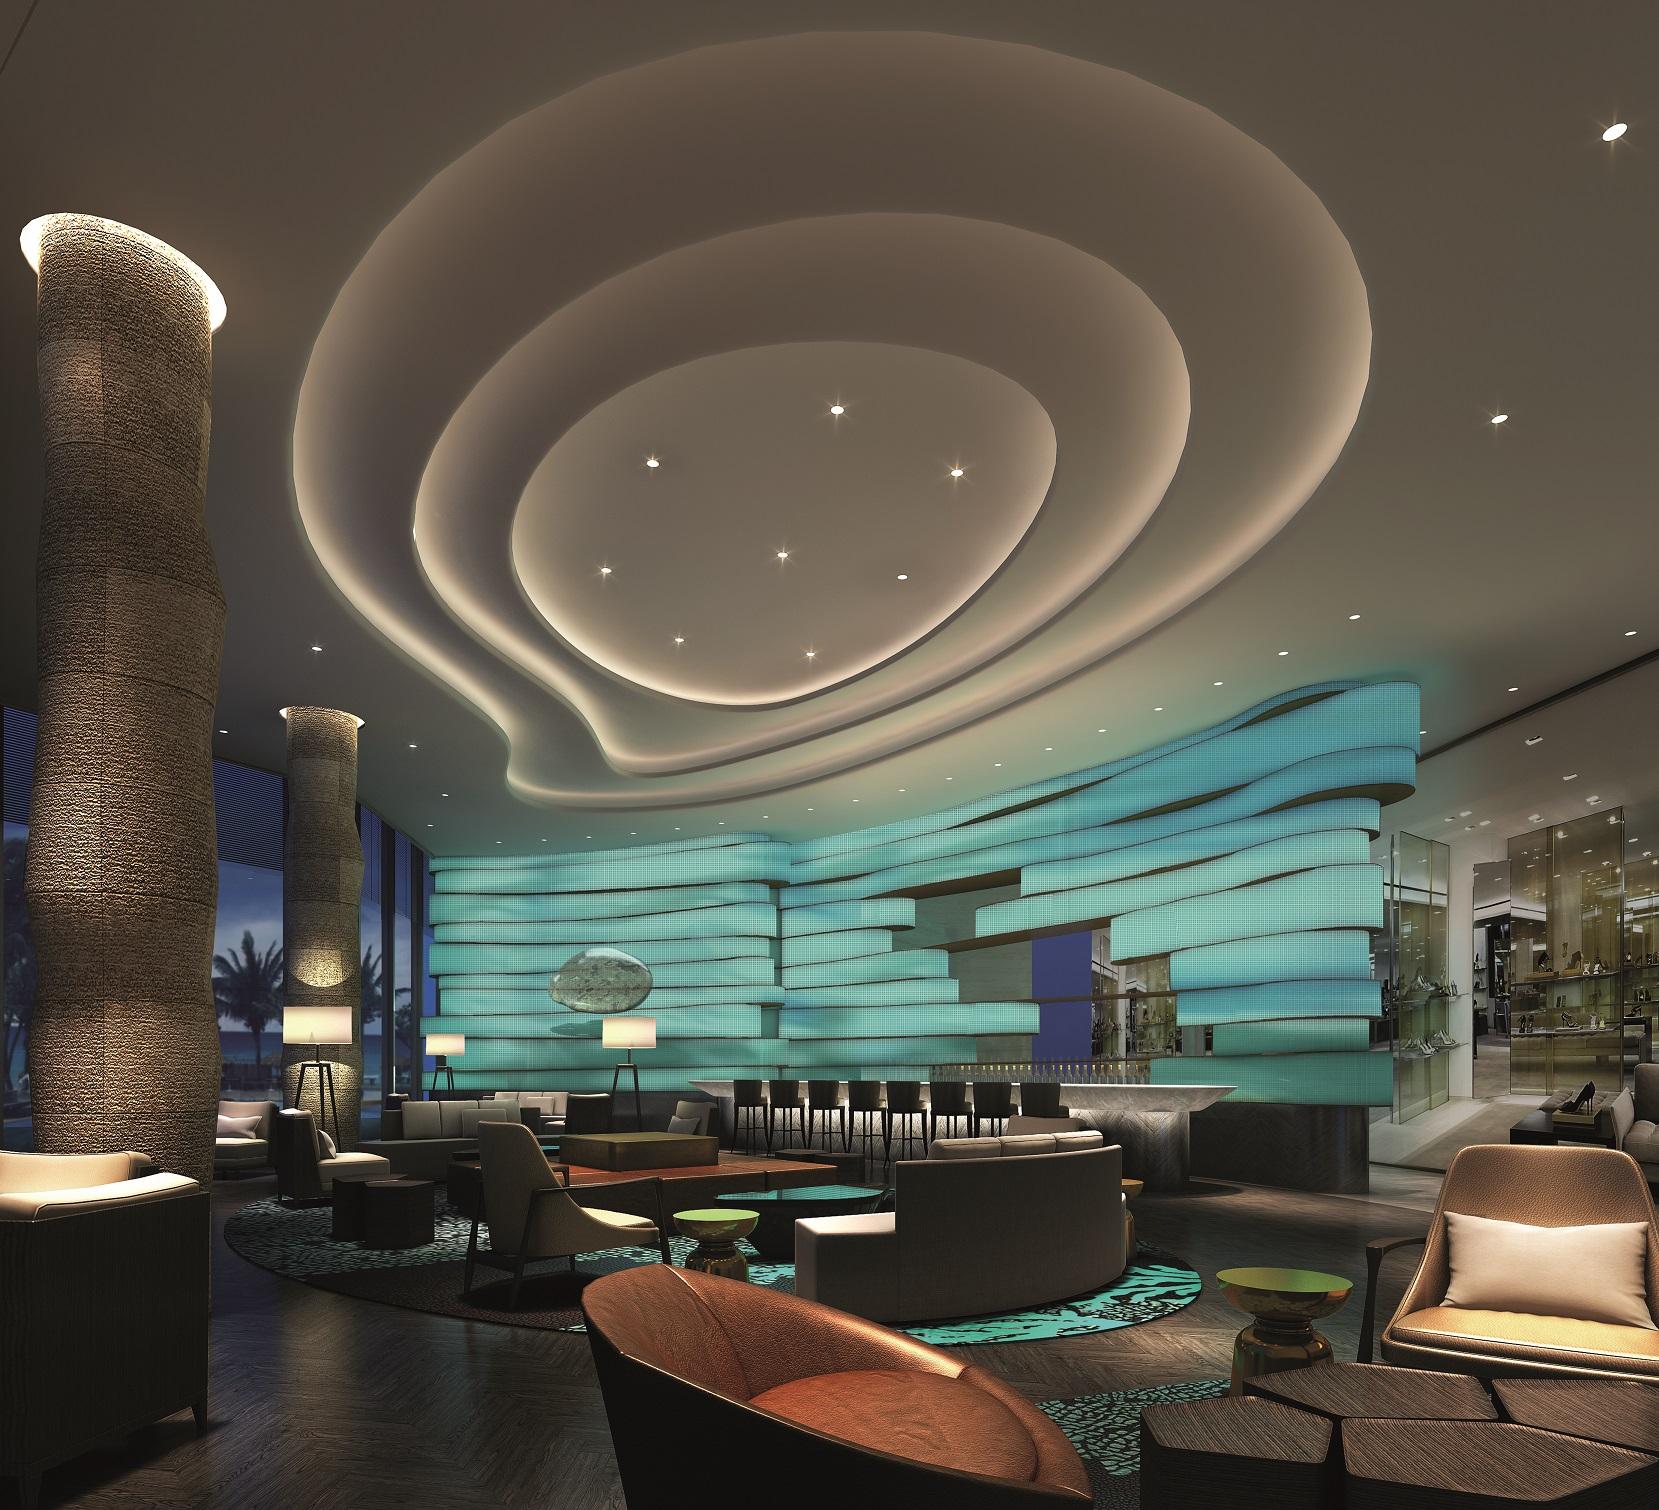 amenity - lobby bar